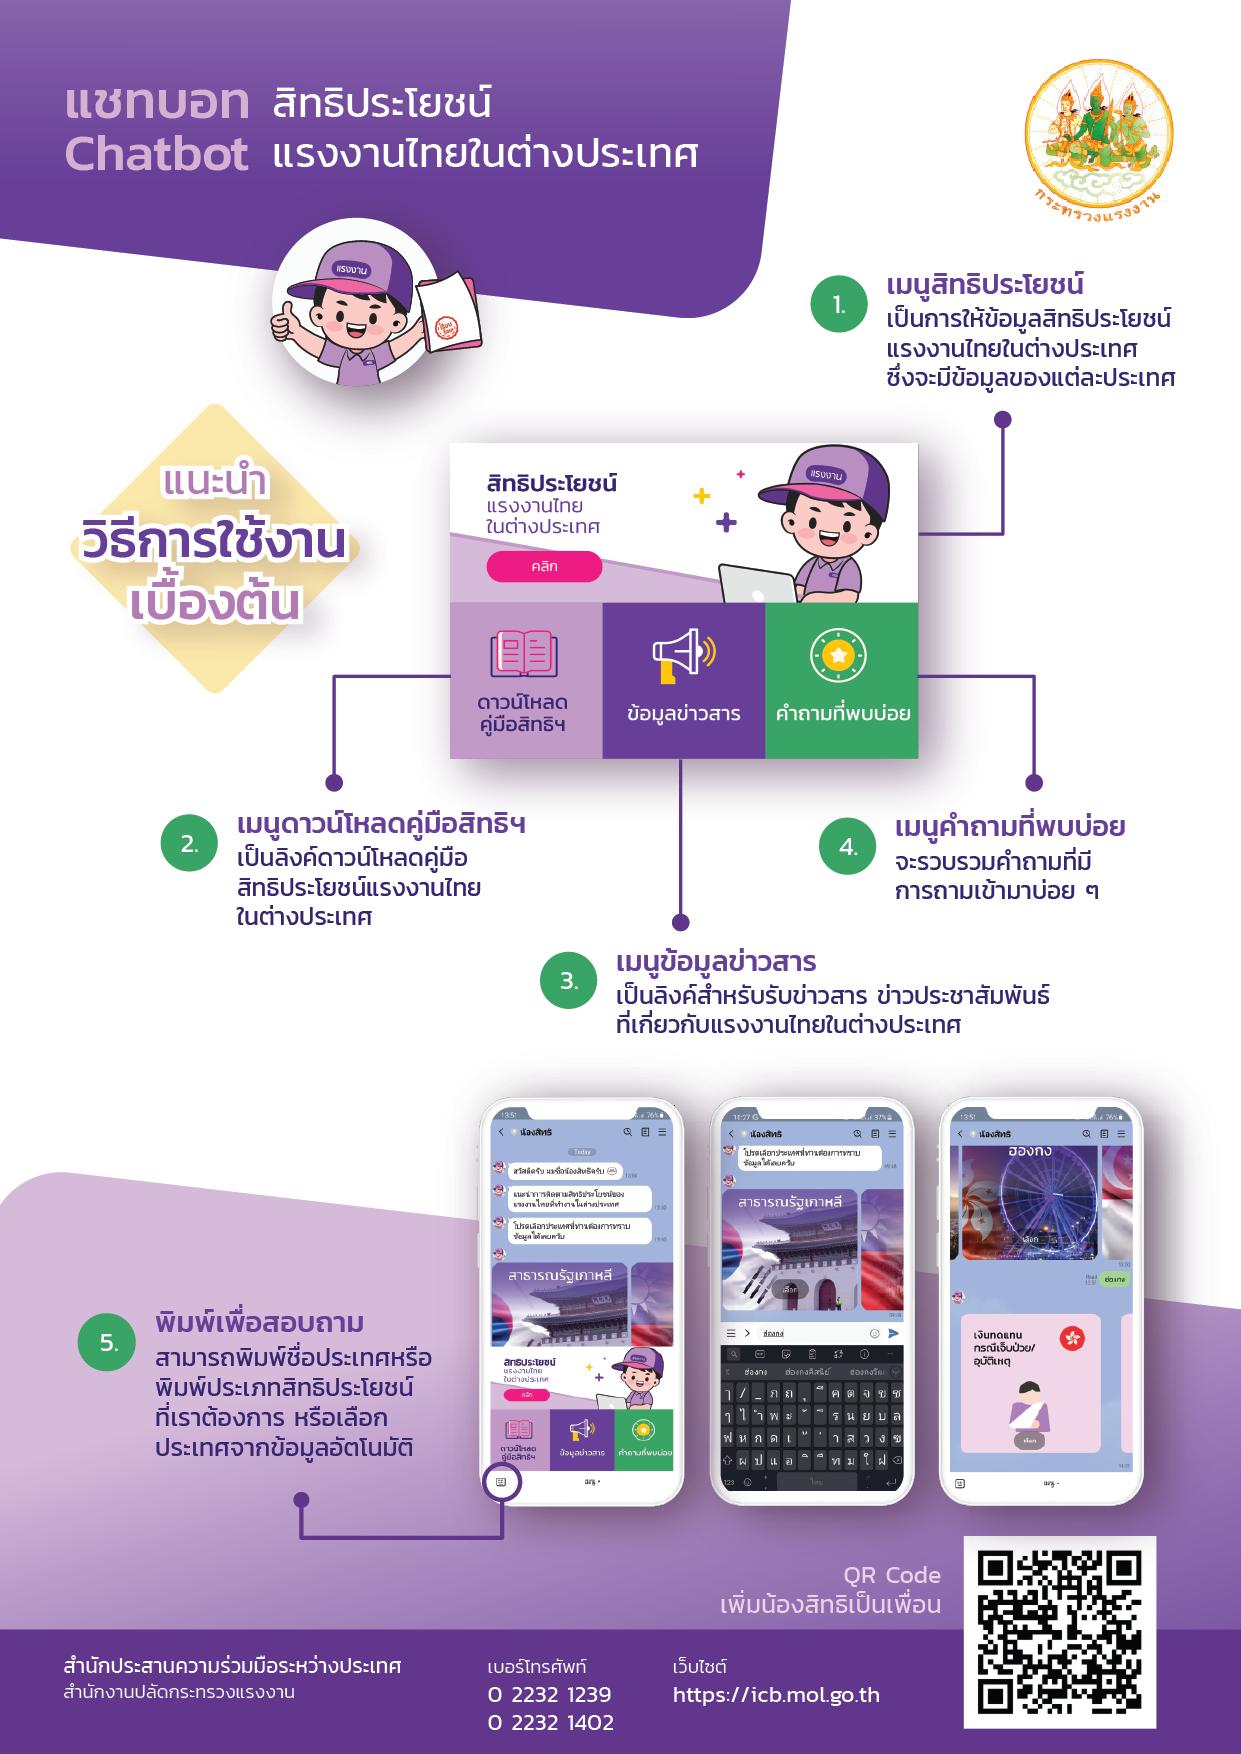 น้องสิทธิ_ระบบ_Line_Official_ตอบข้อมูลสิทธิประโยชน์แรงงานไทยในต่างประเทศแบบอัตโนมัติ